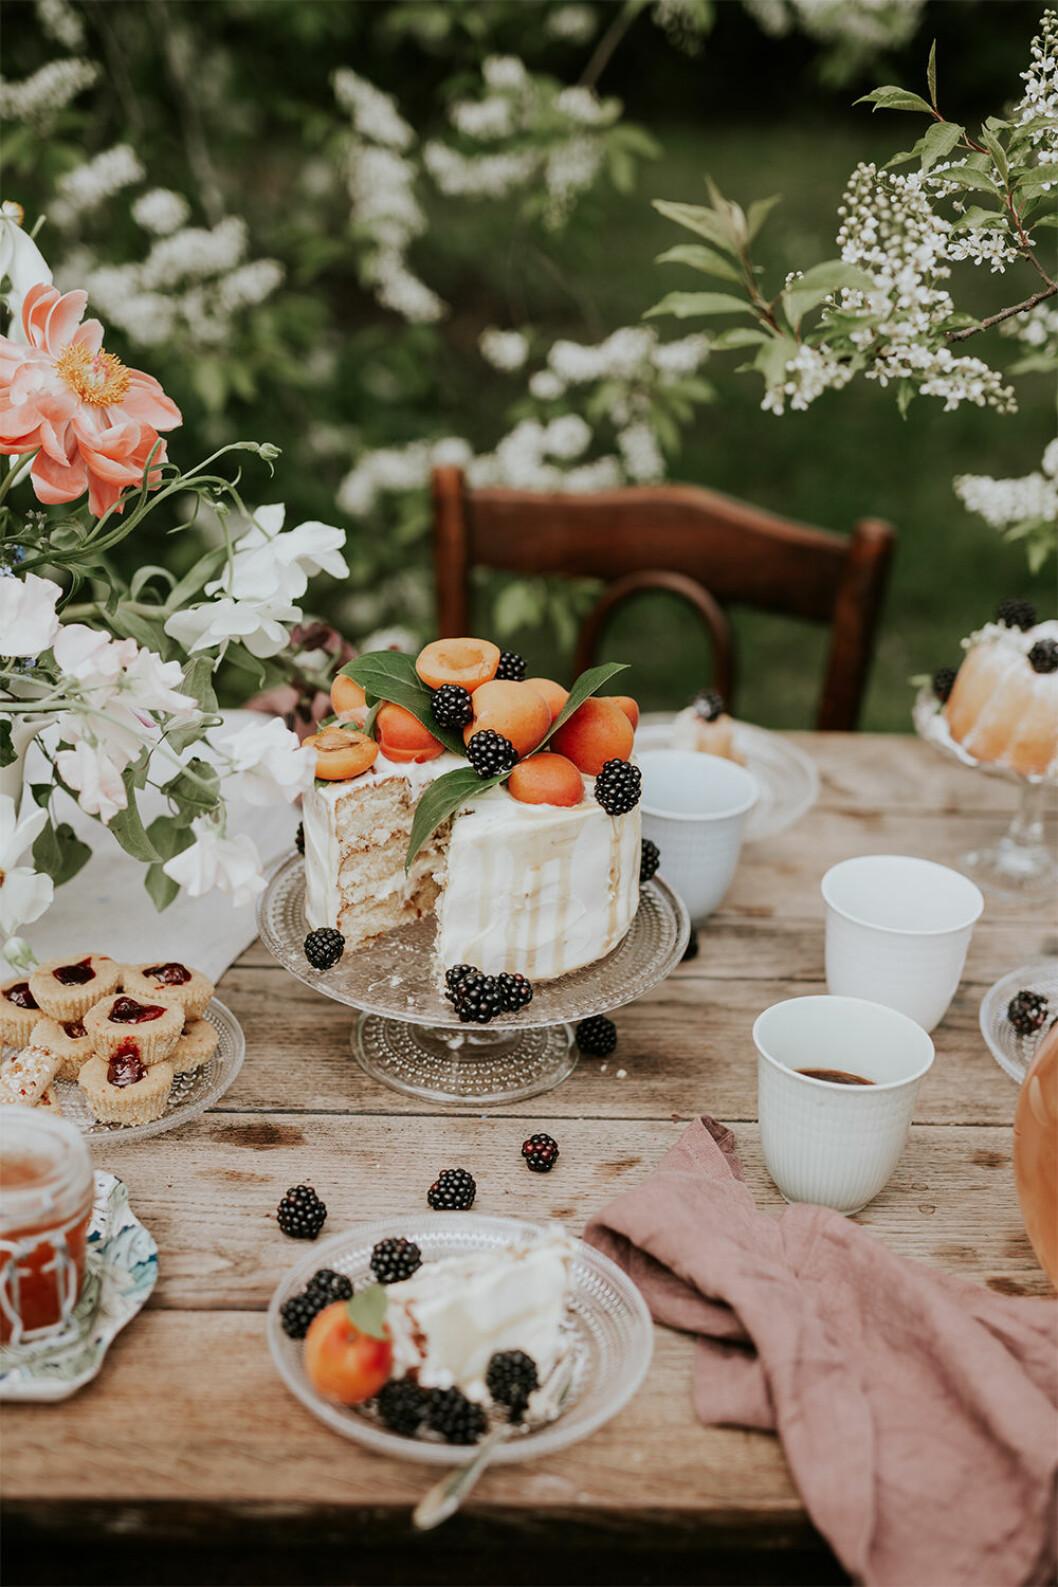 Festmiddag utomhus på sommaren med tårtfat